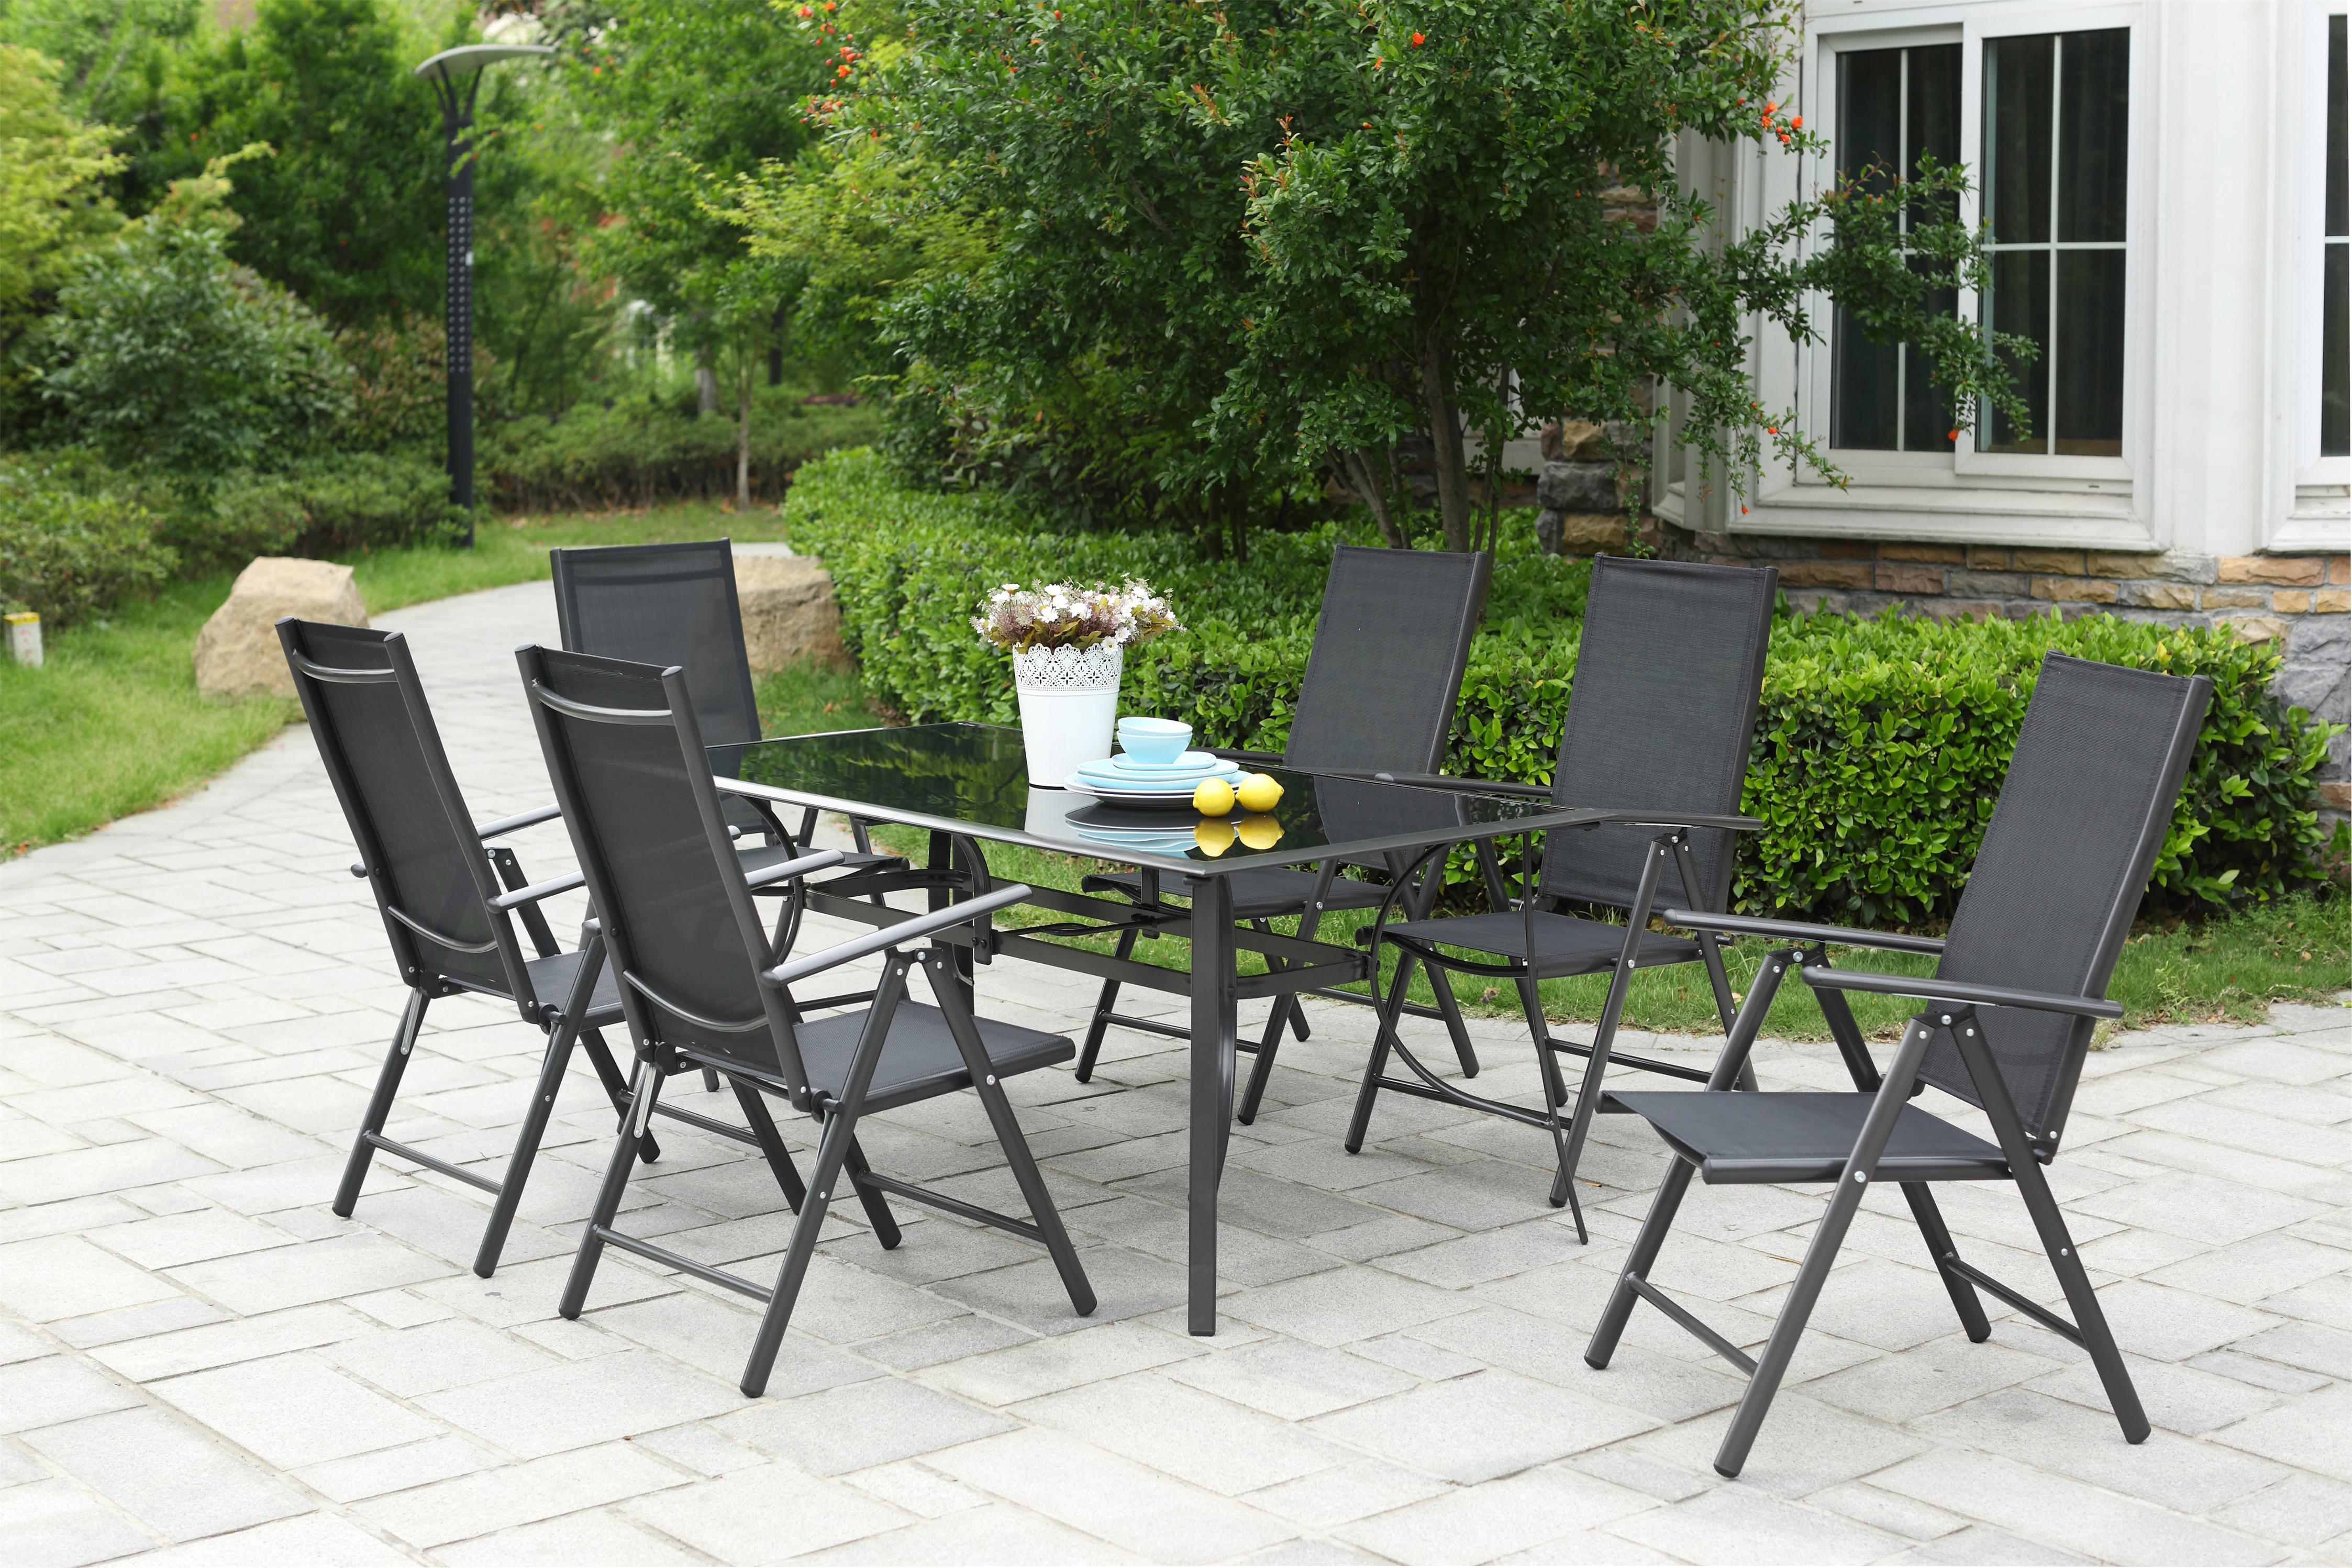 salon de jardin fermob solde jardin. Black Bedroom Furniture Sets. Home Design Ideas